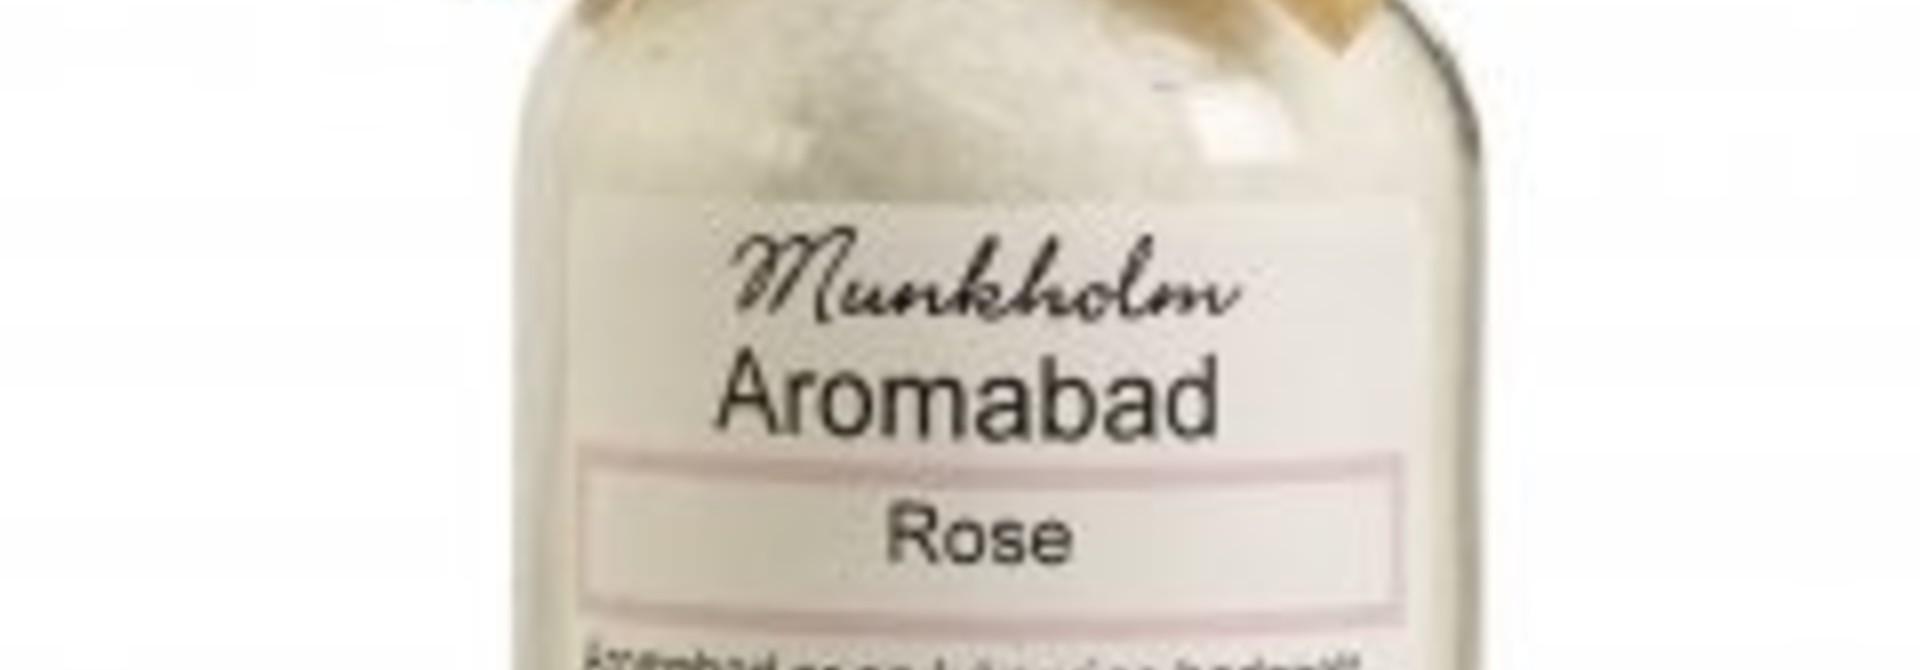 Aroma badzout Munkholm